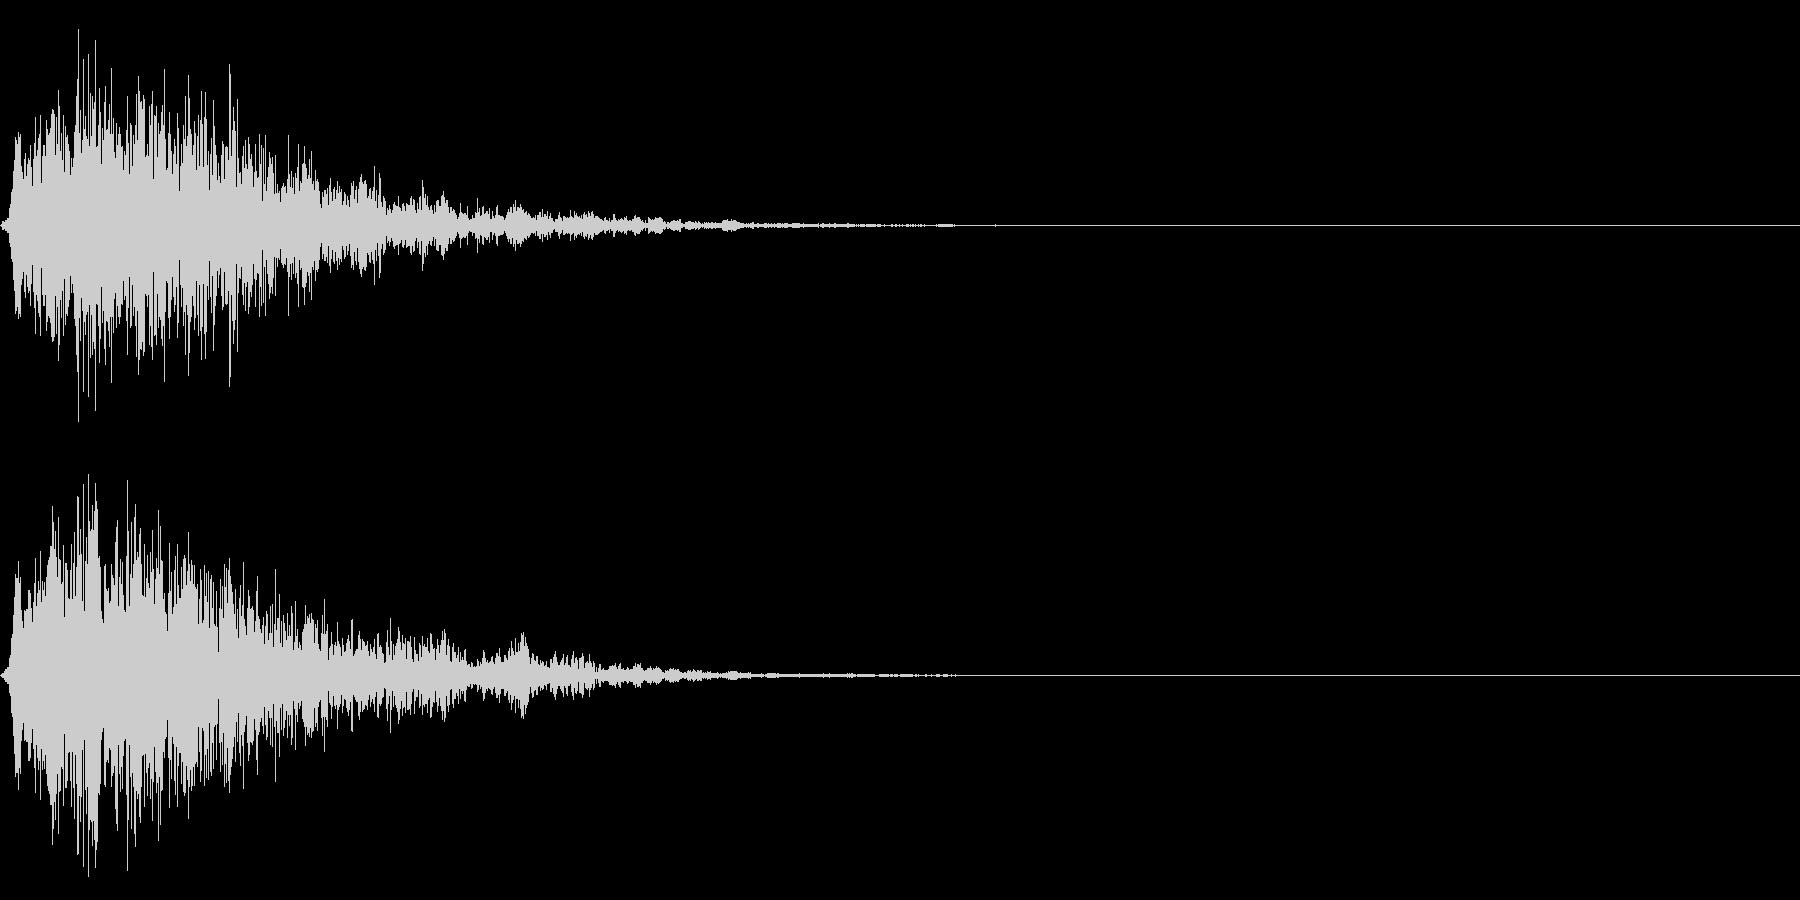 シリアス系のサウンドロゴの未再生の波形